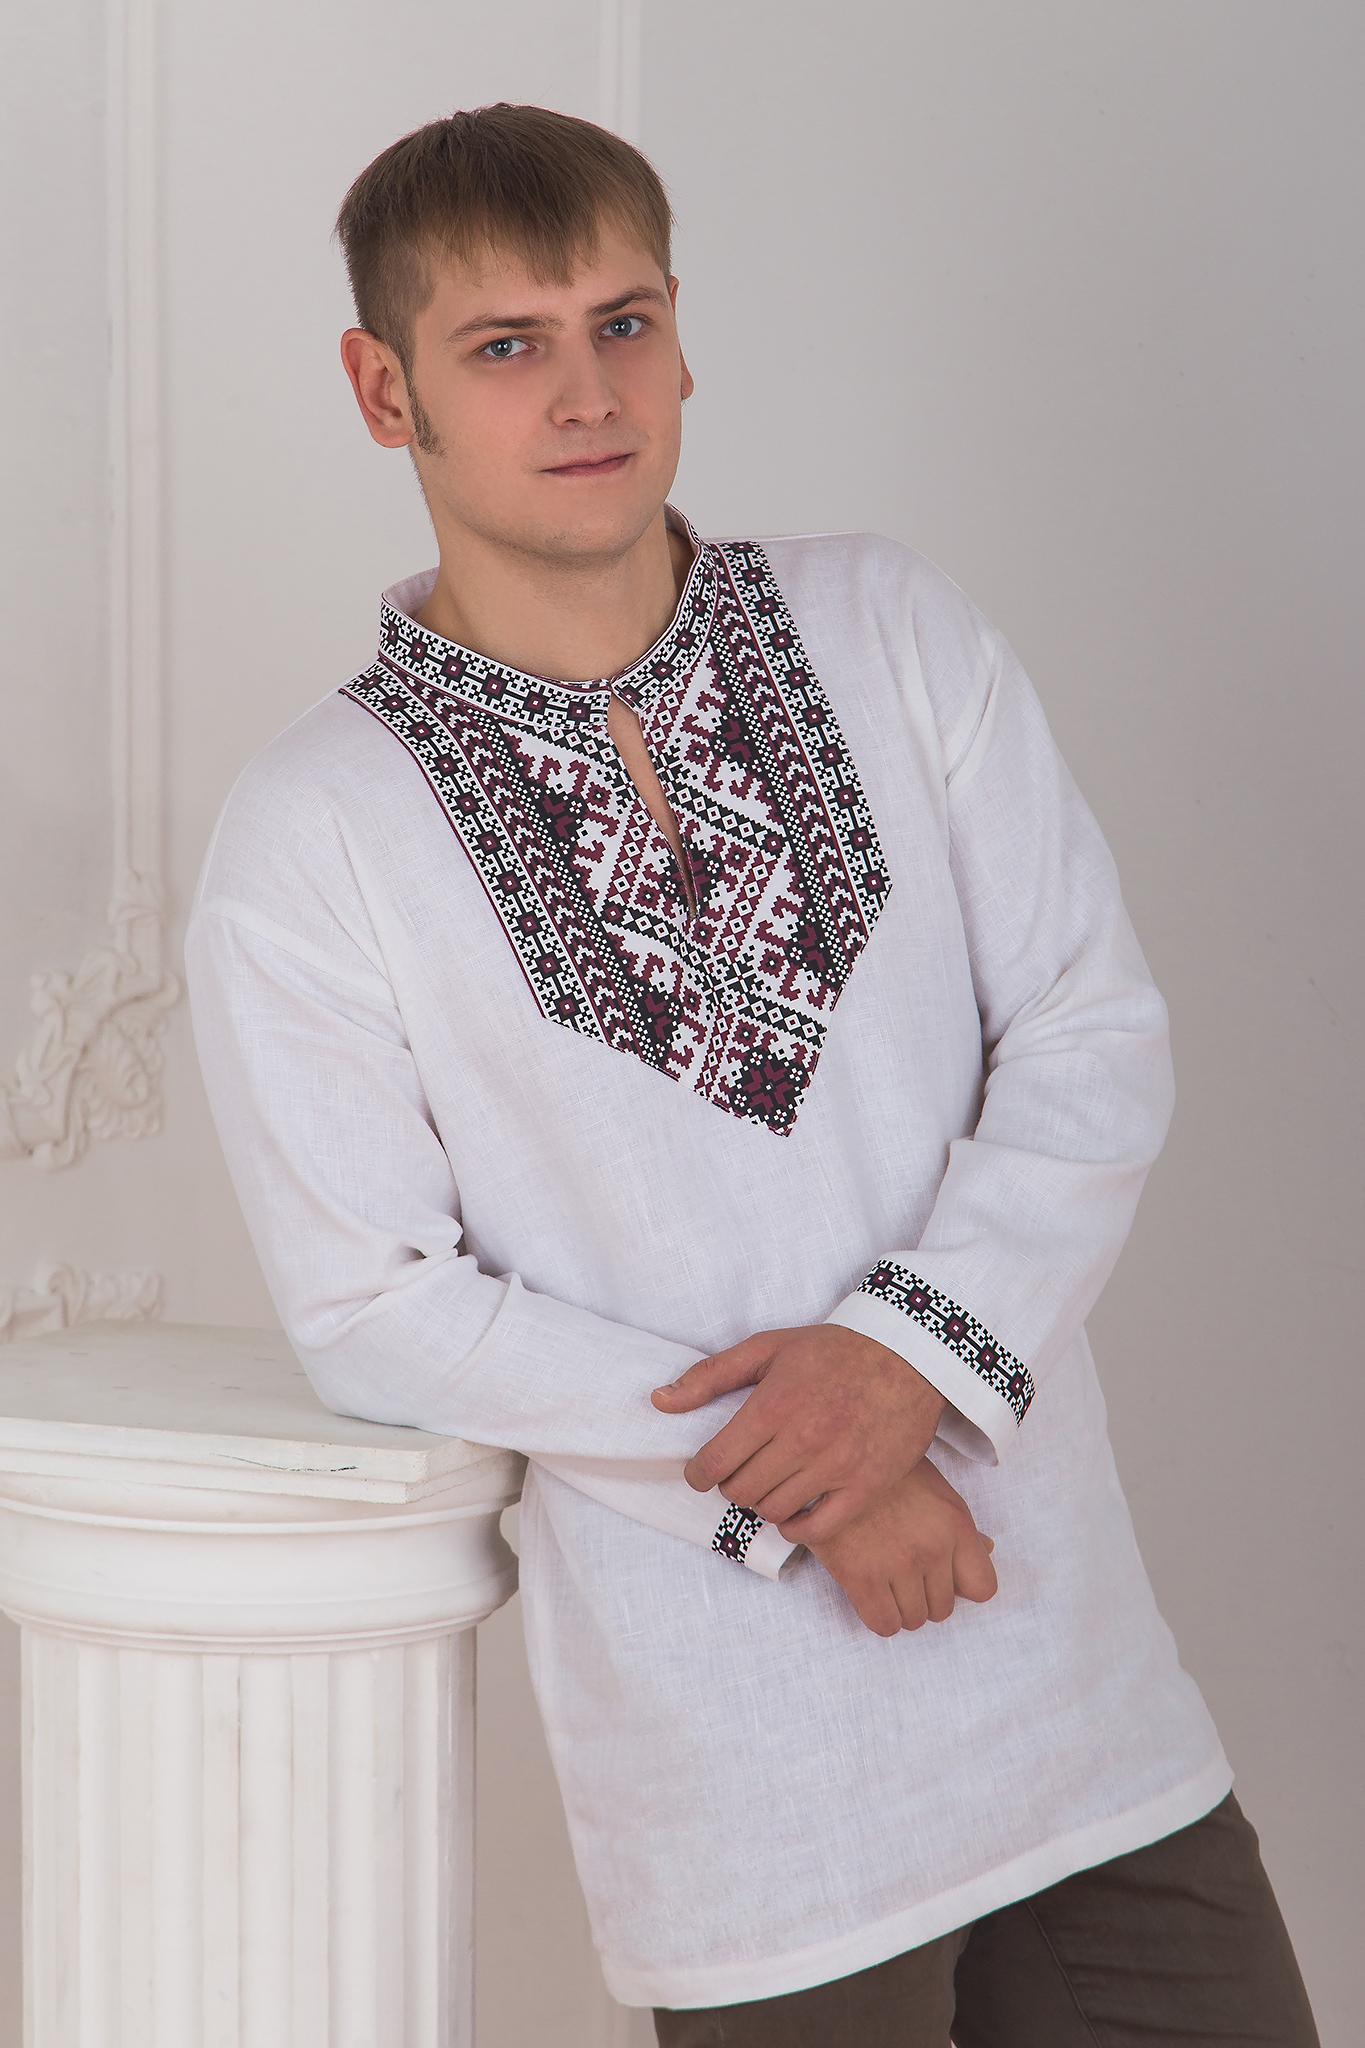 Славянская боевая рубаха приближенный фрагмент